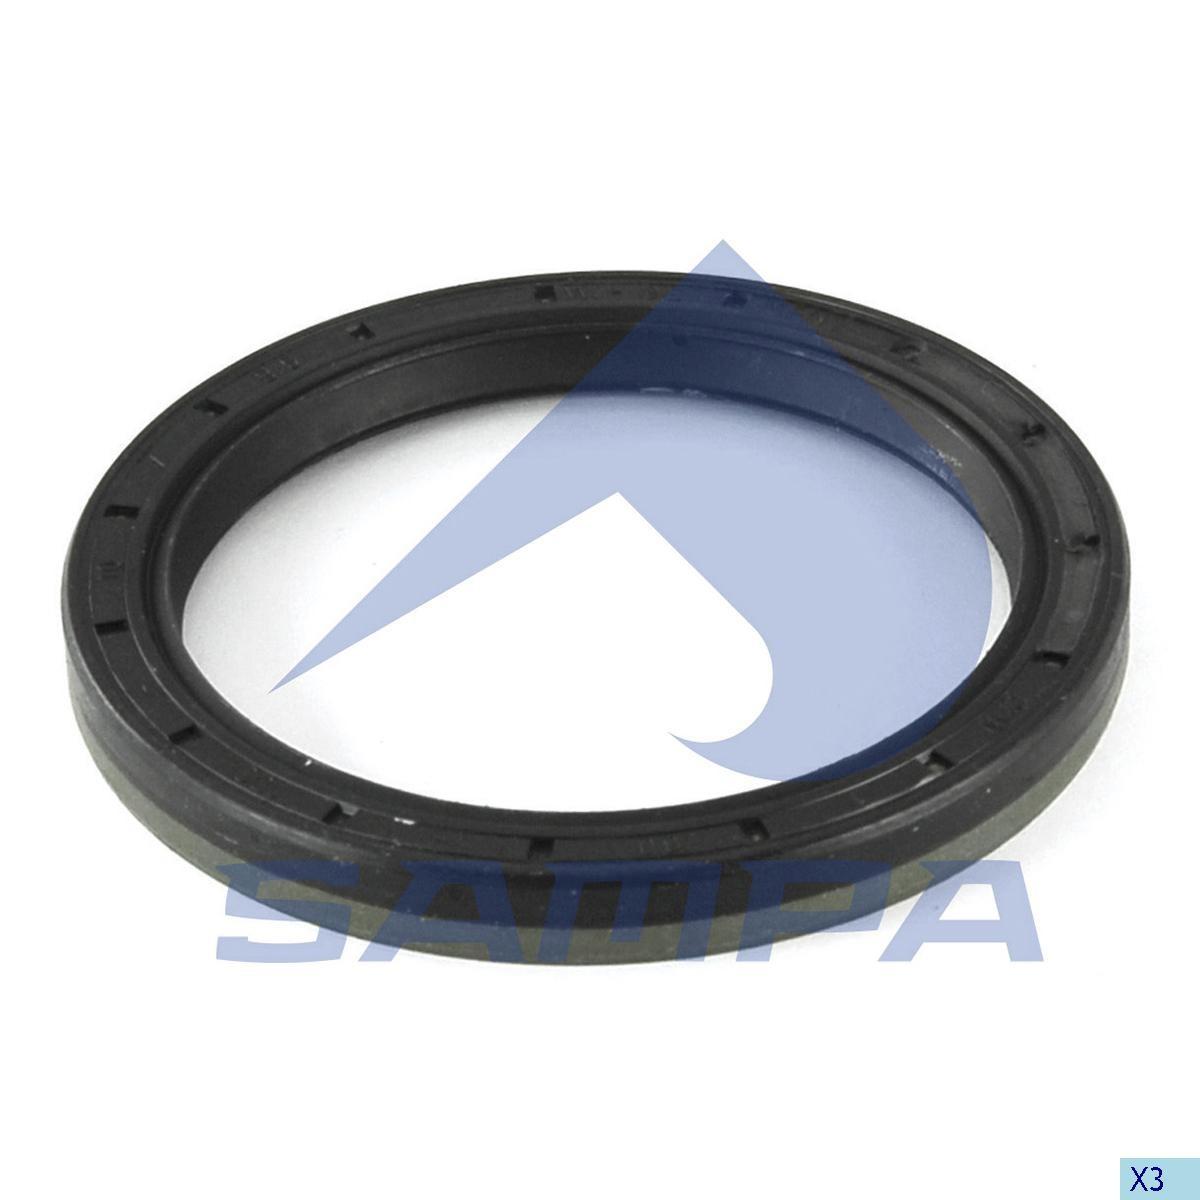 Simering 80x100x10/9,5  (Corteco) Atego/Axor photo